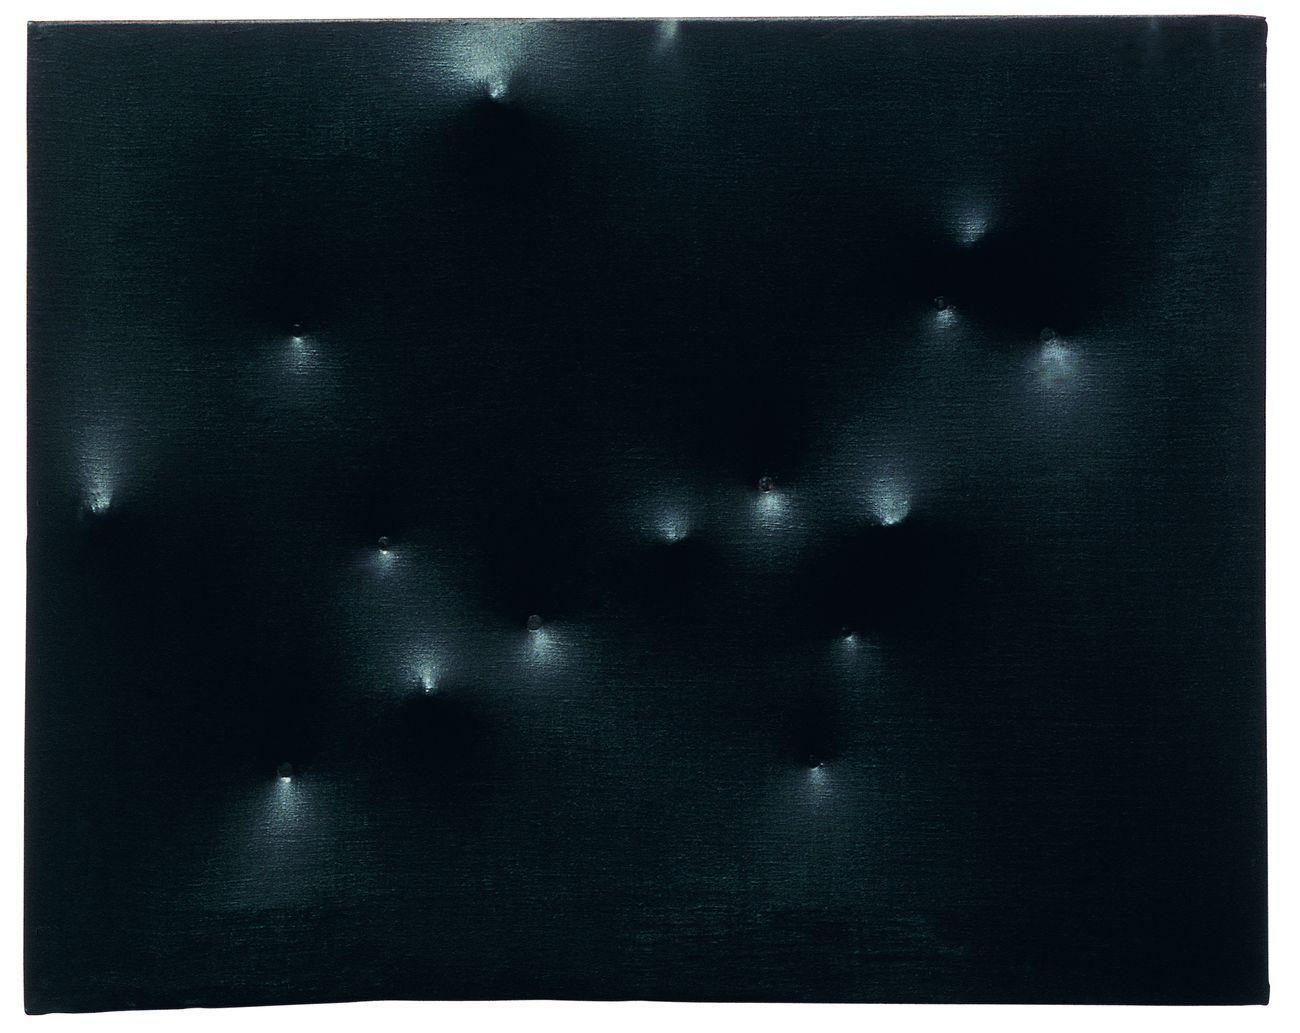 Enrico Castellani, Superficie nera, 1959, acrilico su tela, 40x50 cm. CourtesyFondazione Enrico Castellani